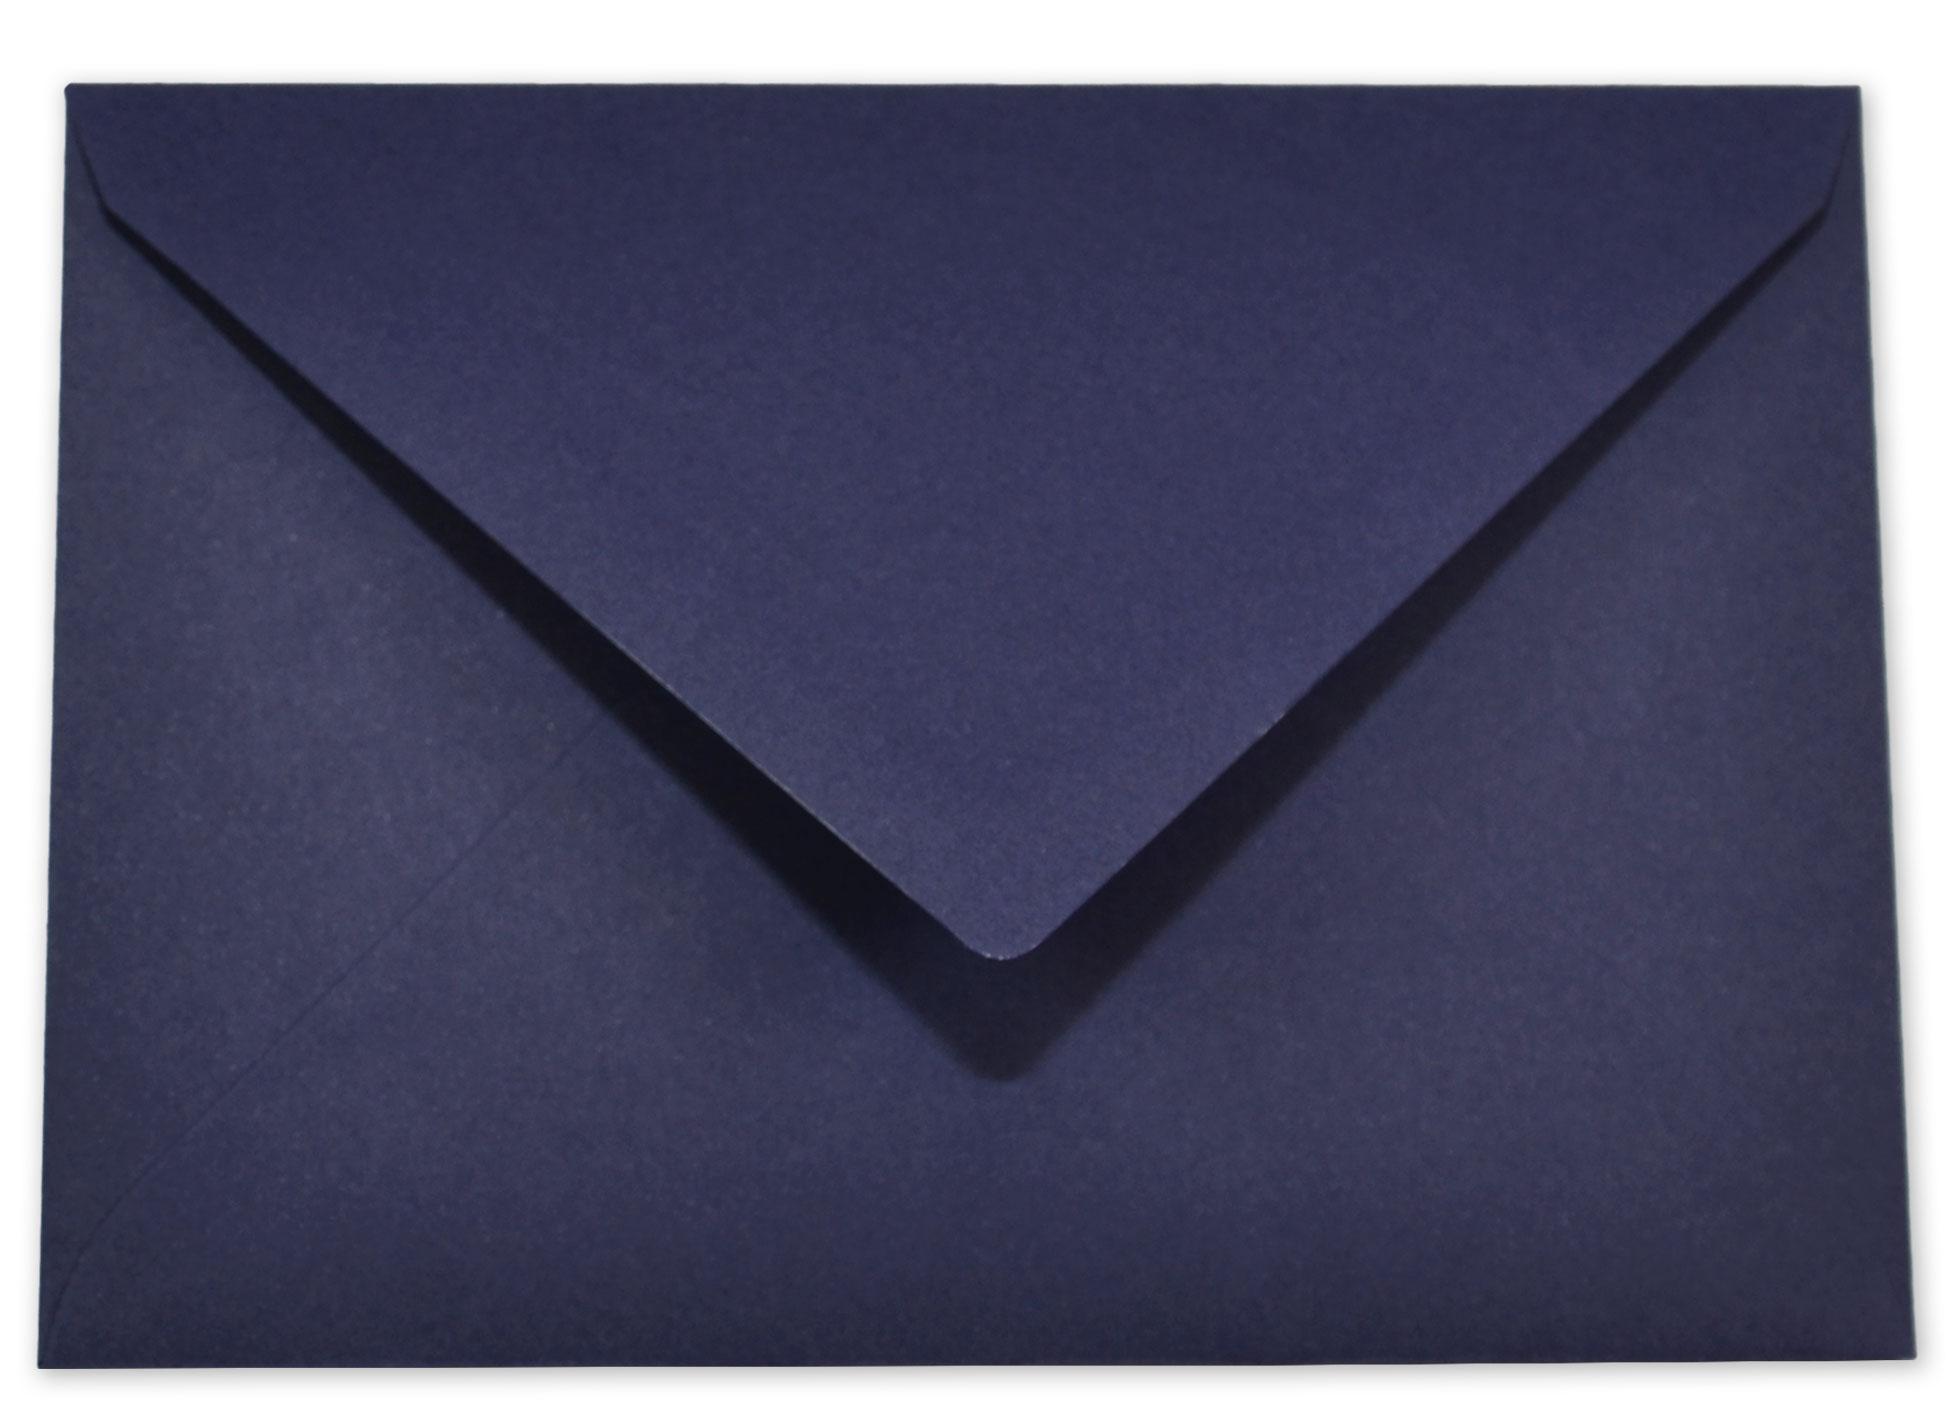 842379793e Briefumschlag - Kuvert in nachtblau C6 120g/m² Nassklebung